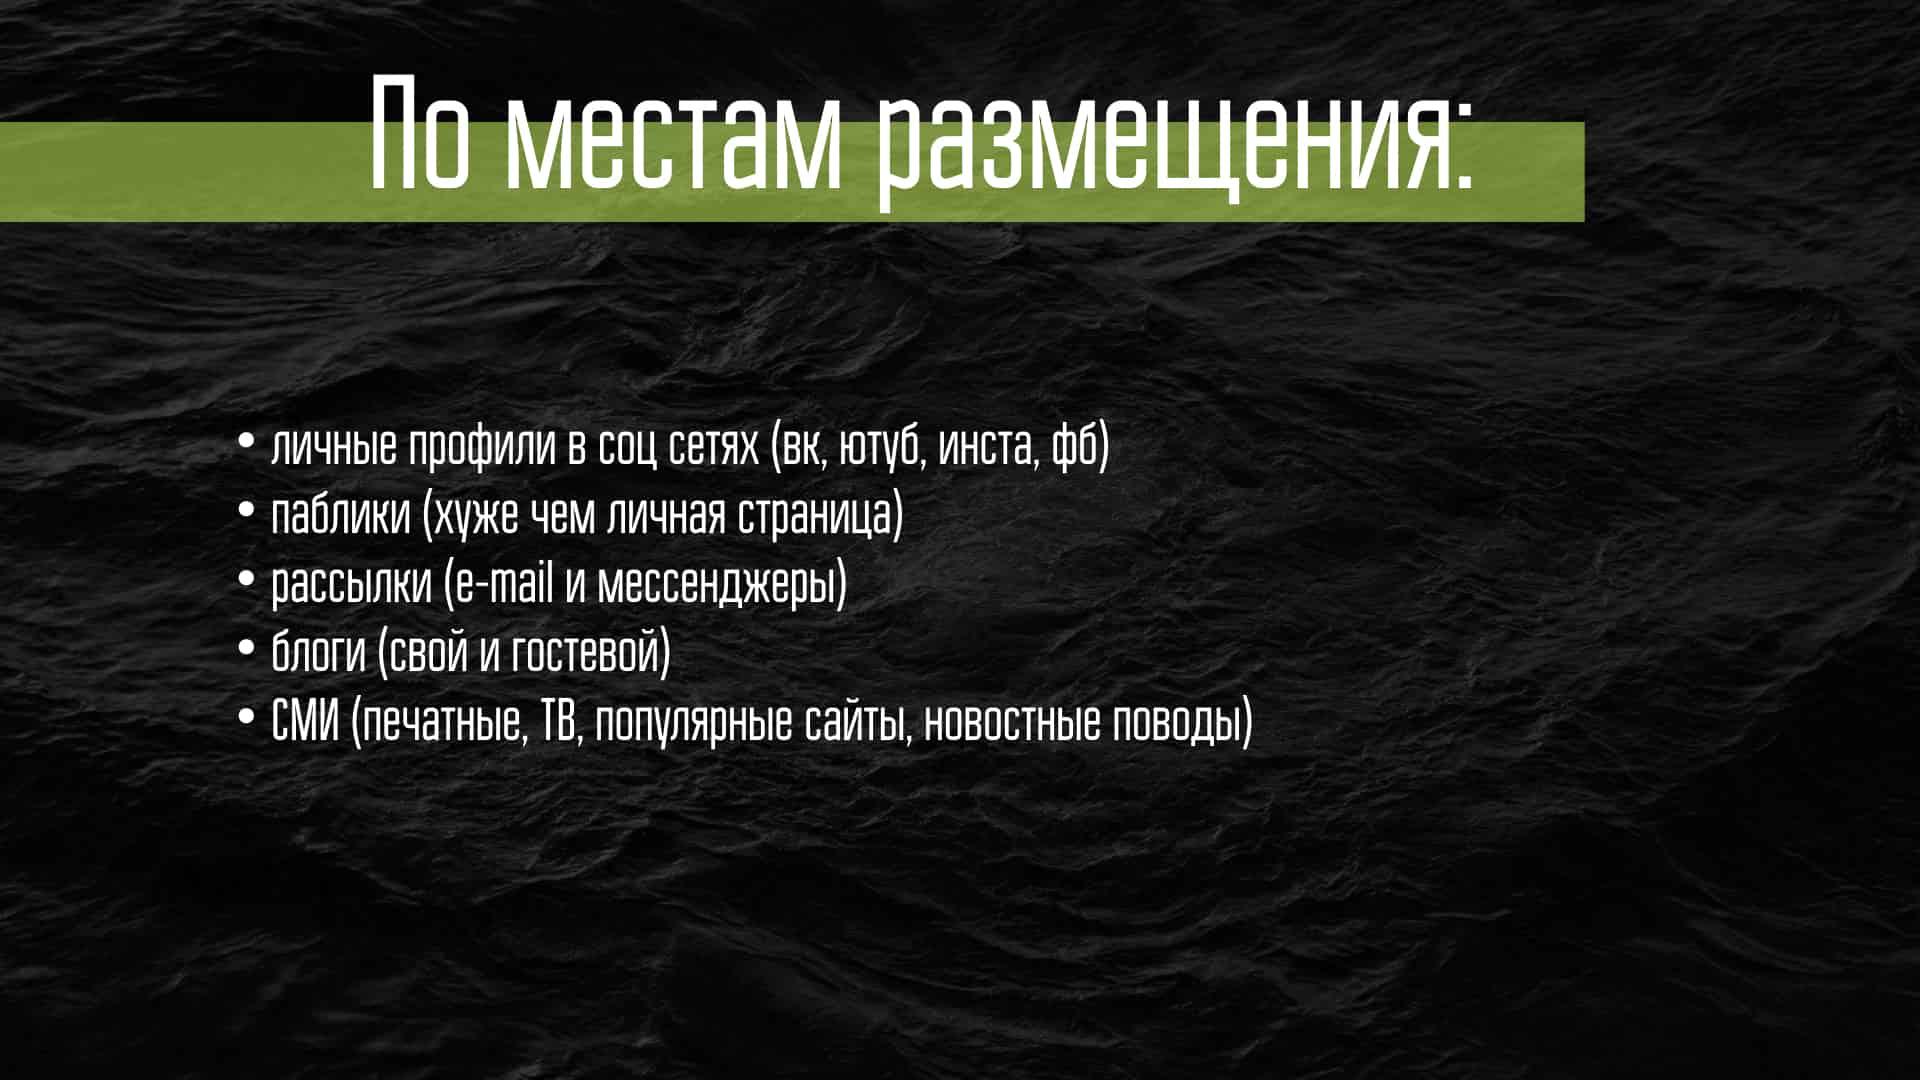 Контент-маркетинг для дизайнера